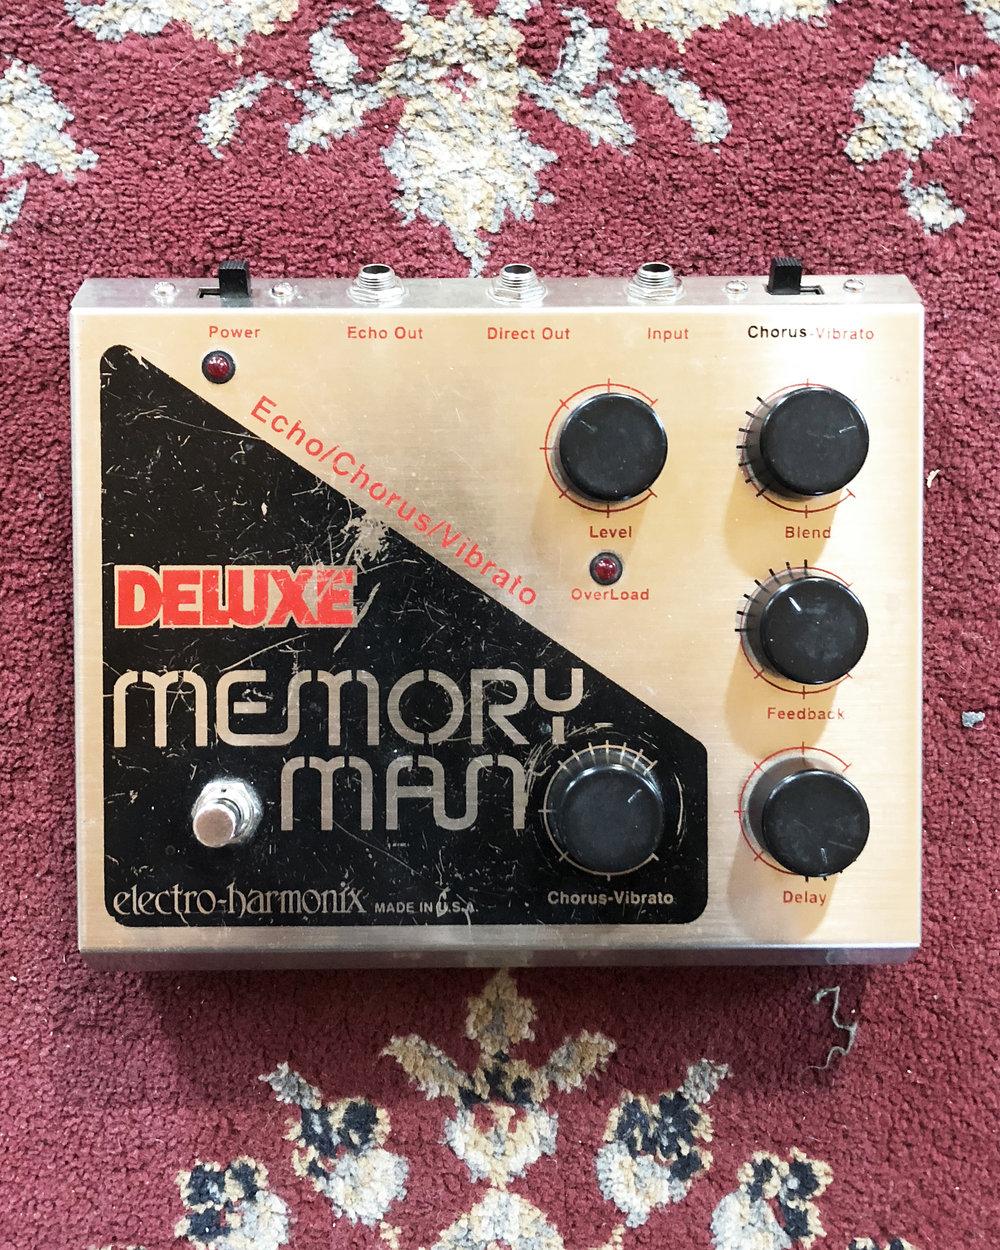 Electro-harmonix Deluxe Memory Man (1999)